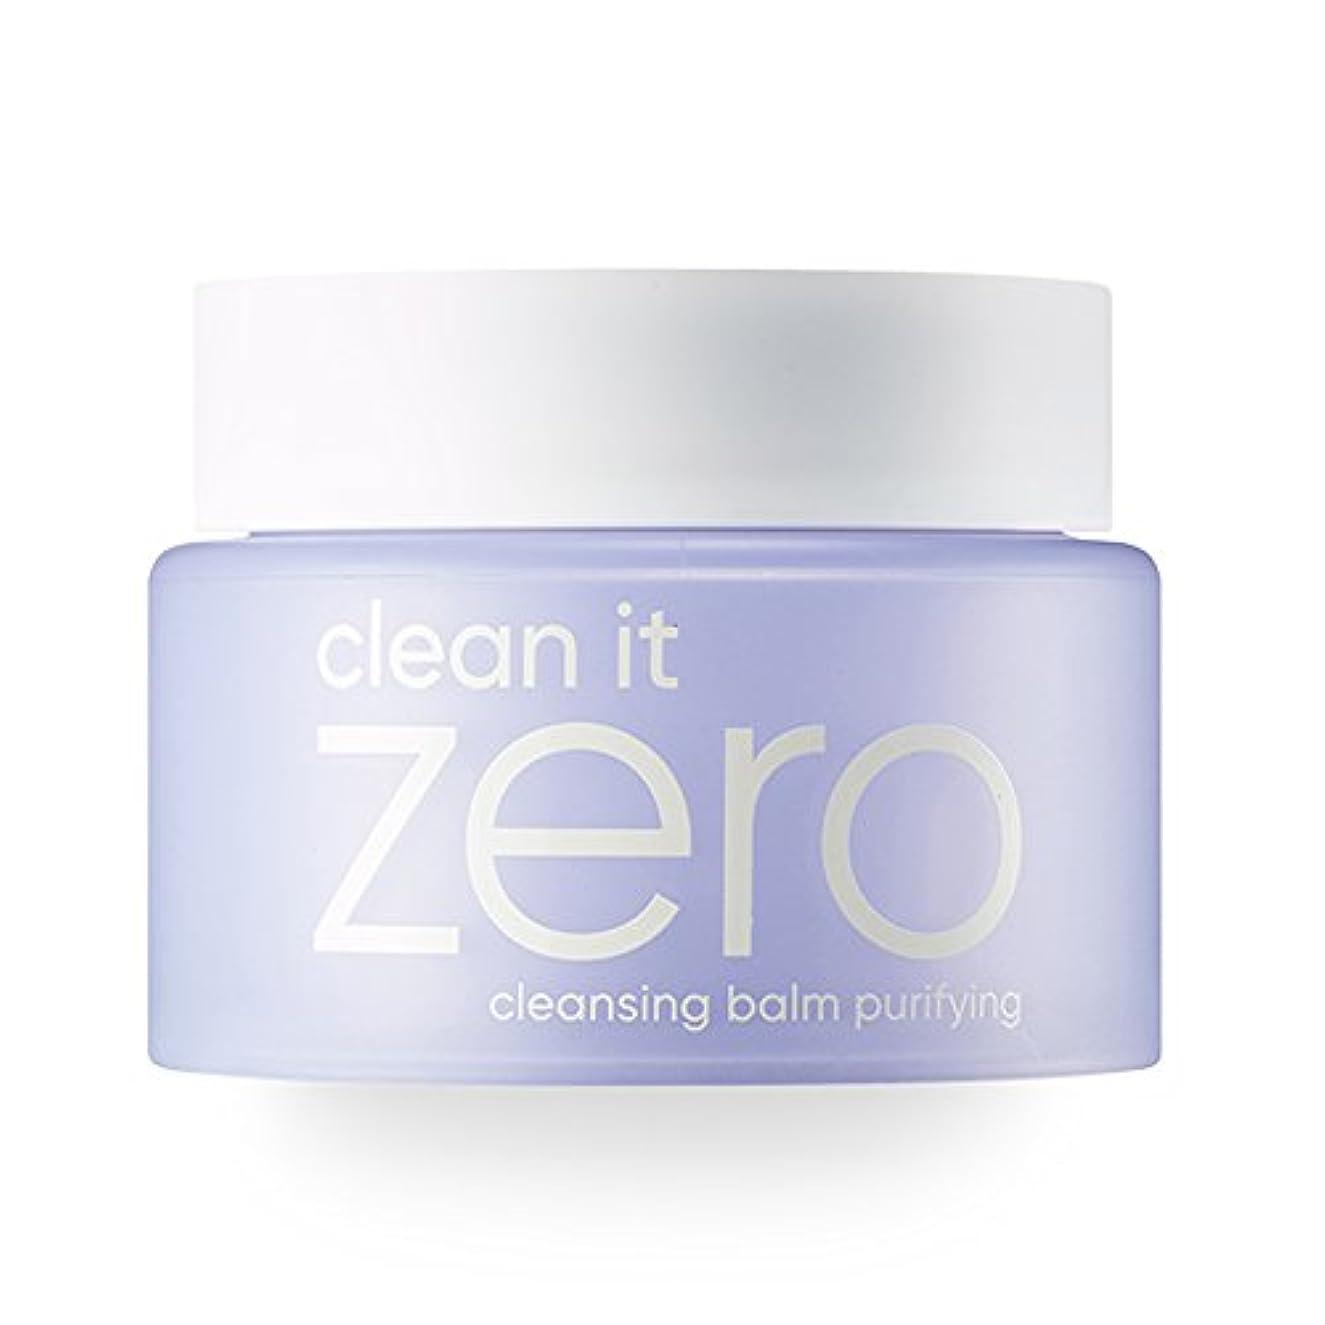 スキップバッフルお風呂を持っているBANILA CO(バニラコ) クリーン イット ゼロ クレンジング バーム ピュリファイング Clean It Zero Purifying